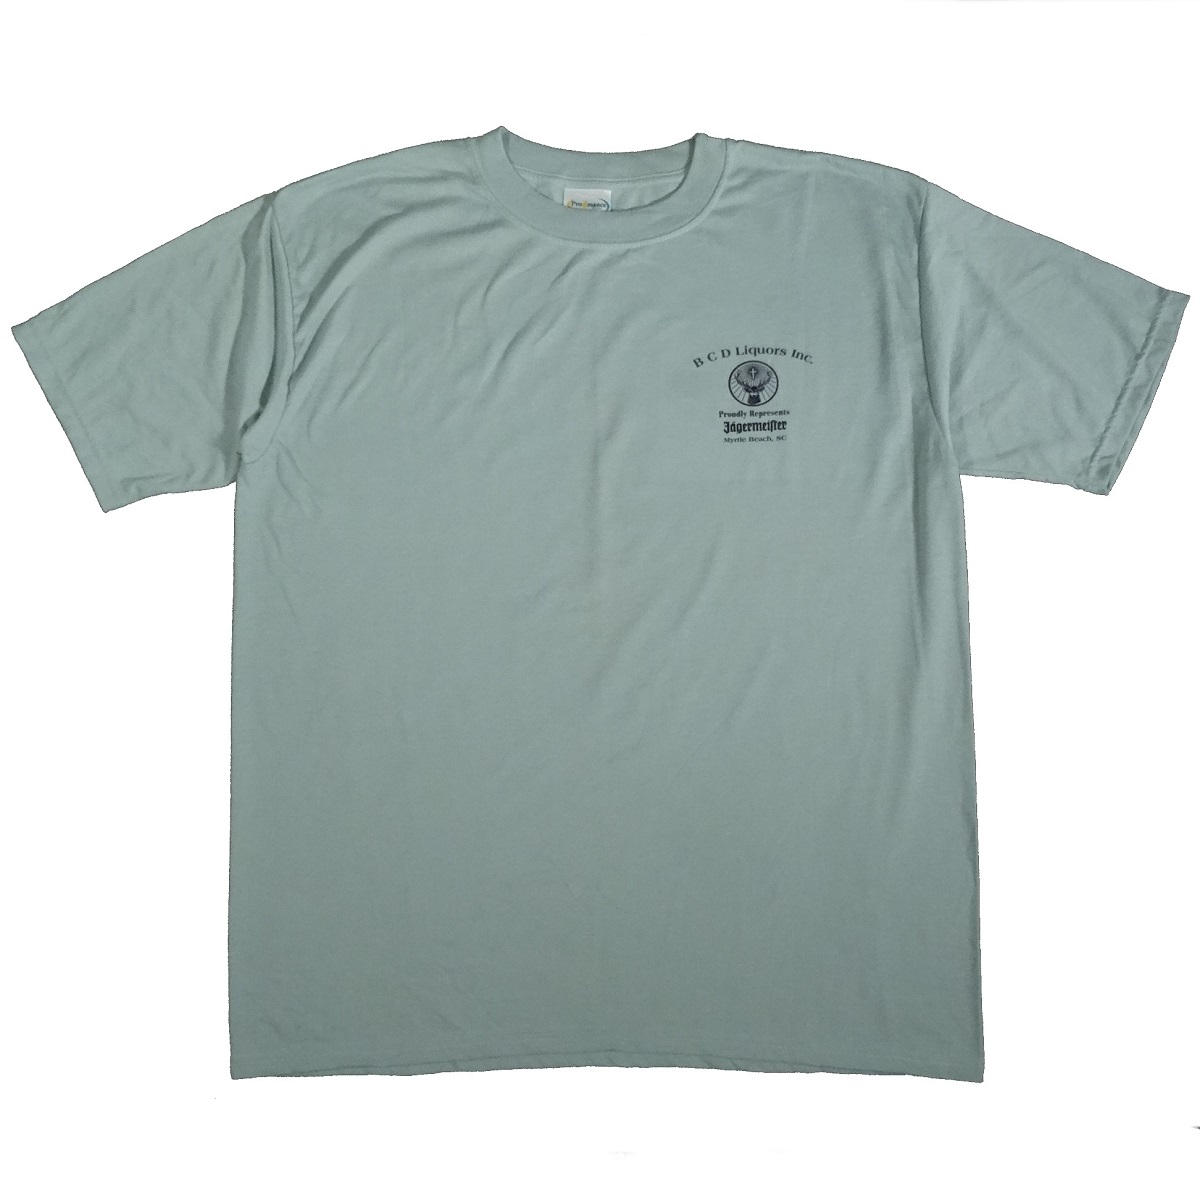 jagermeister myrtle beach liquor vintage shirt front of shirt